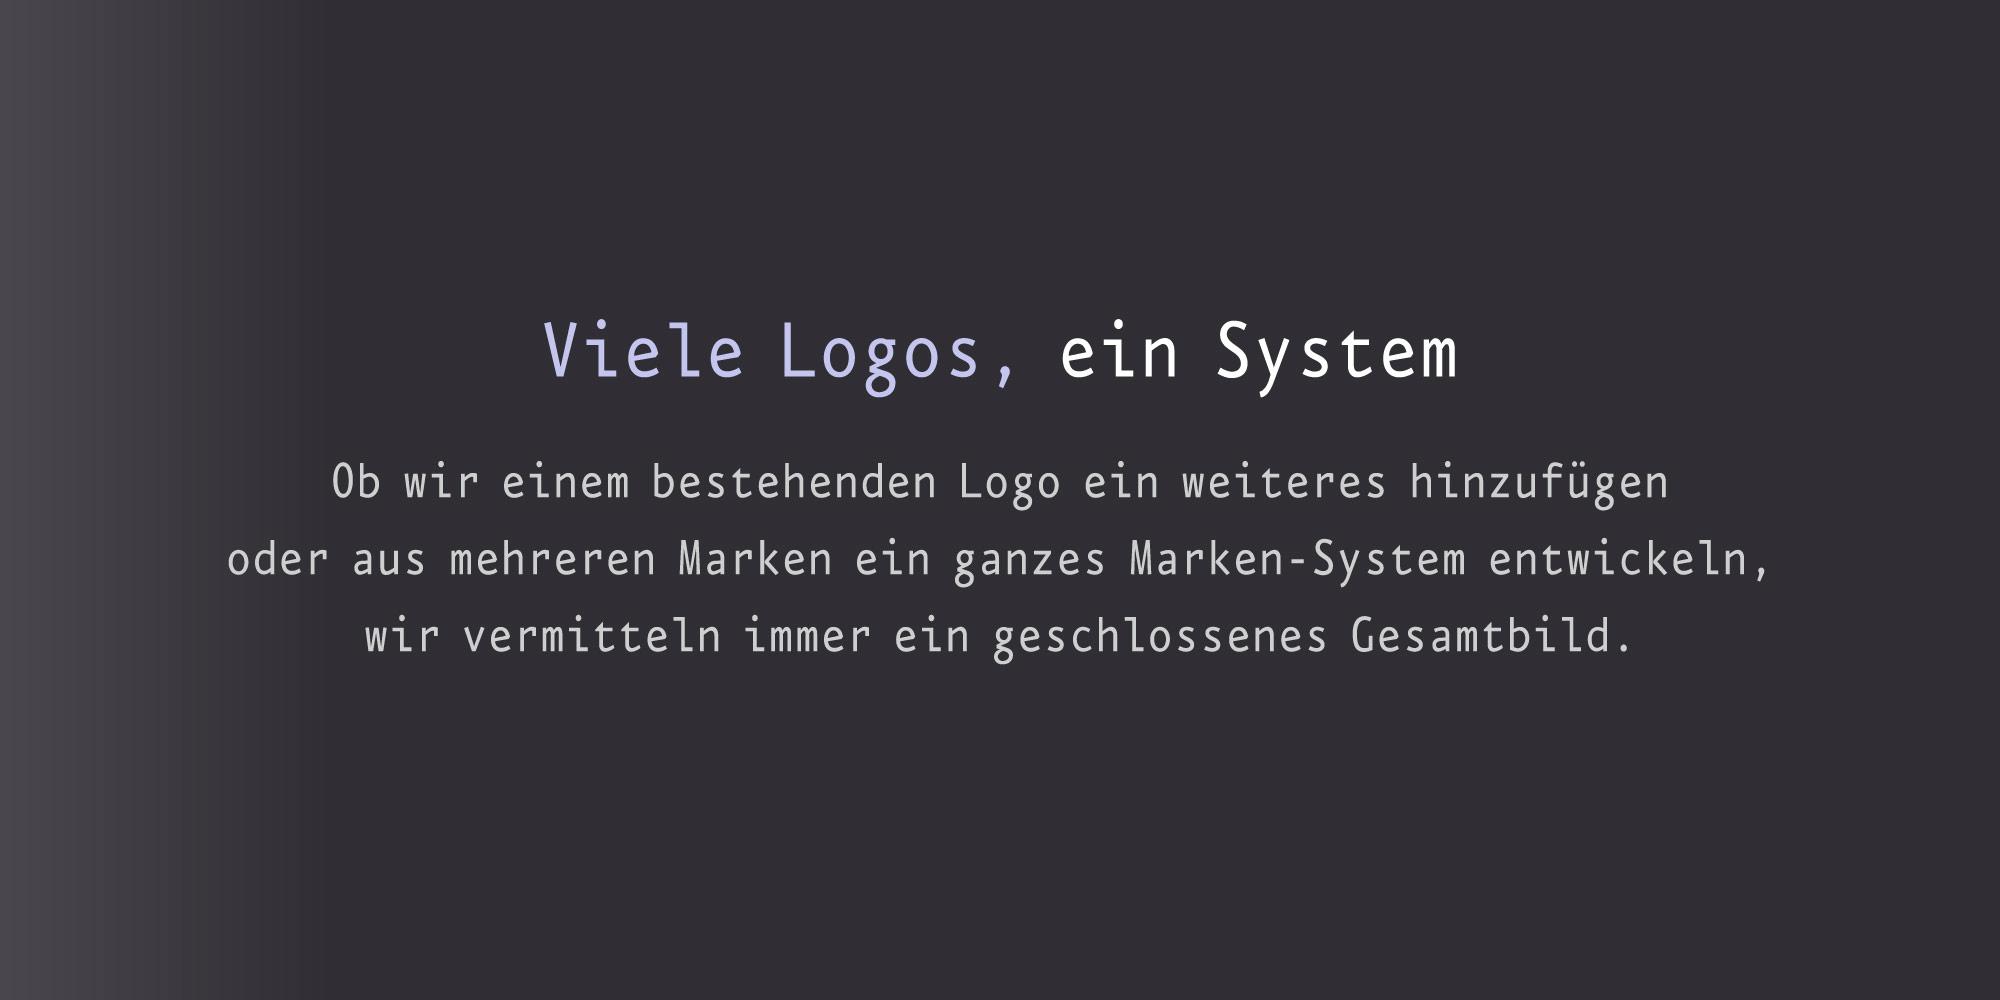 Logos viele Logos - ein System